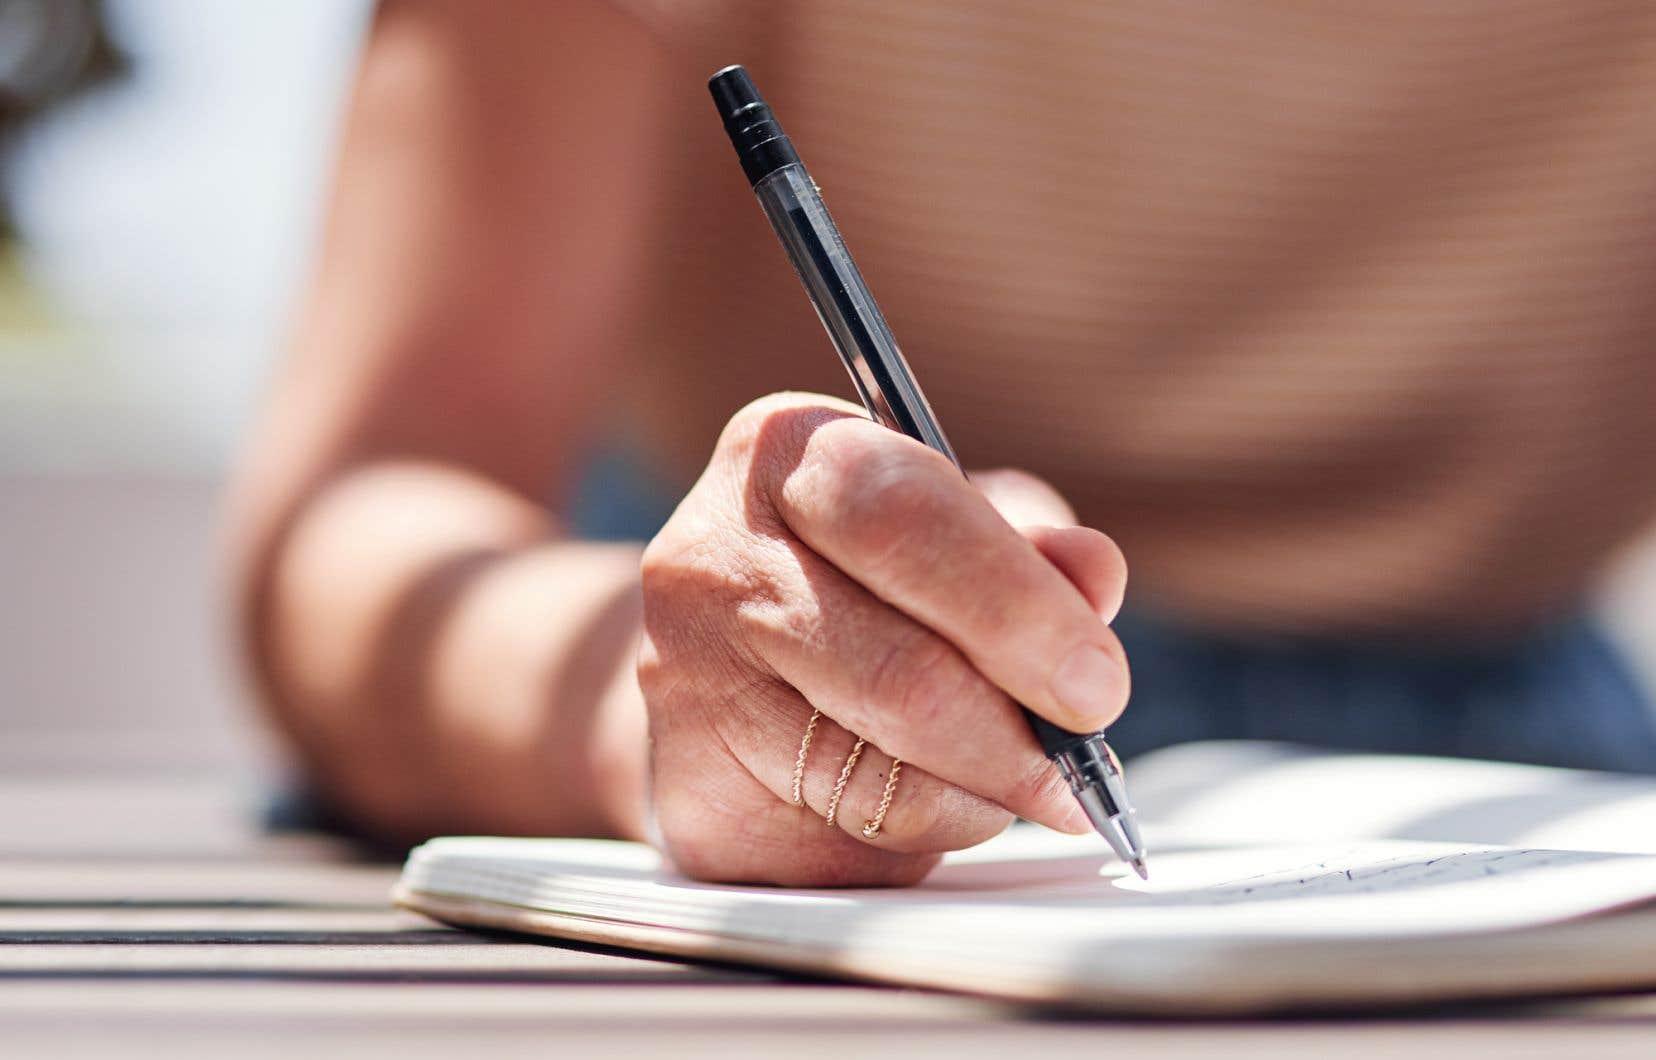 Ce dont nous avons besoin, en ce XXIesiècle, c'est d'un système d'écriture cohérent, efficace, aussi complexe qu'il le faut, mais pas plus.